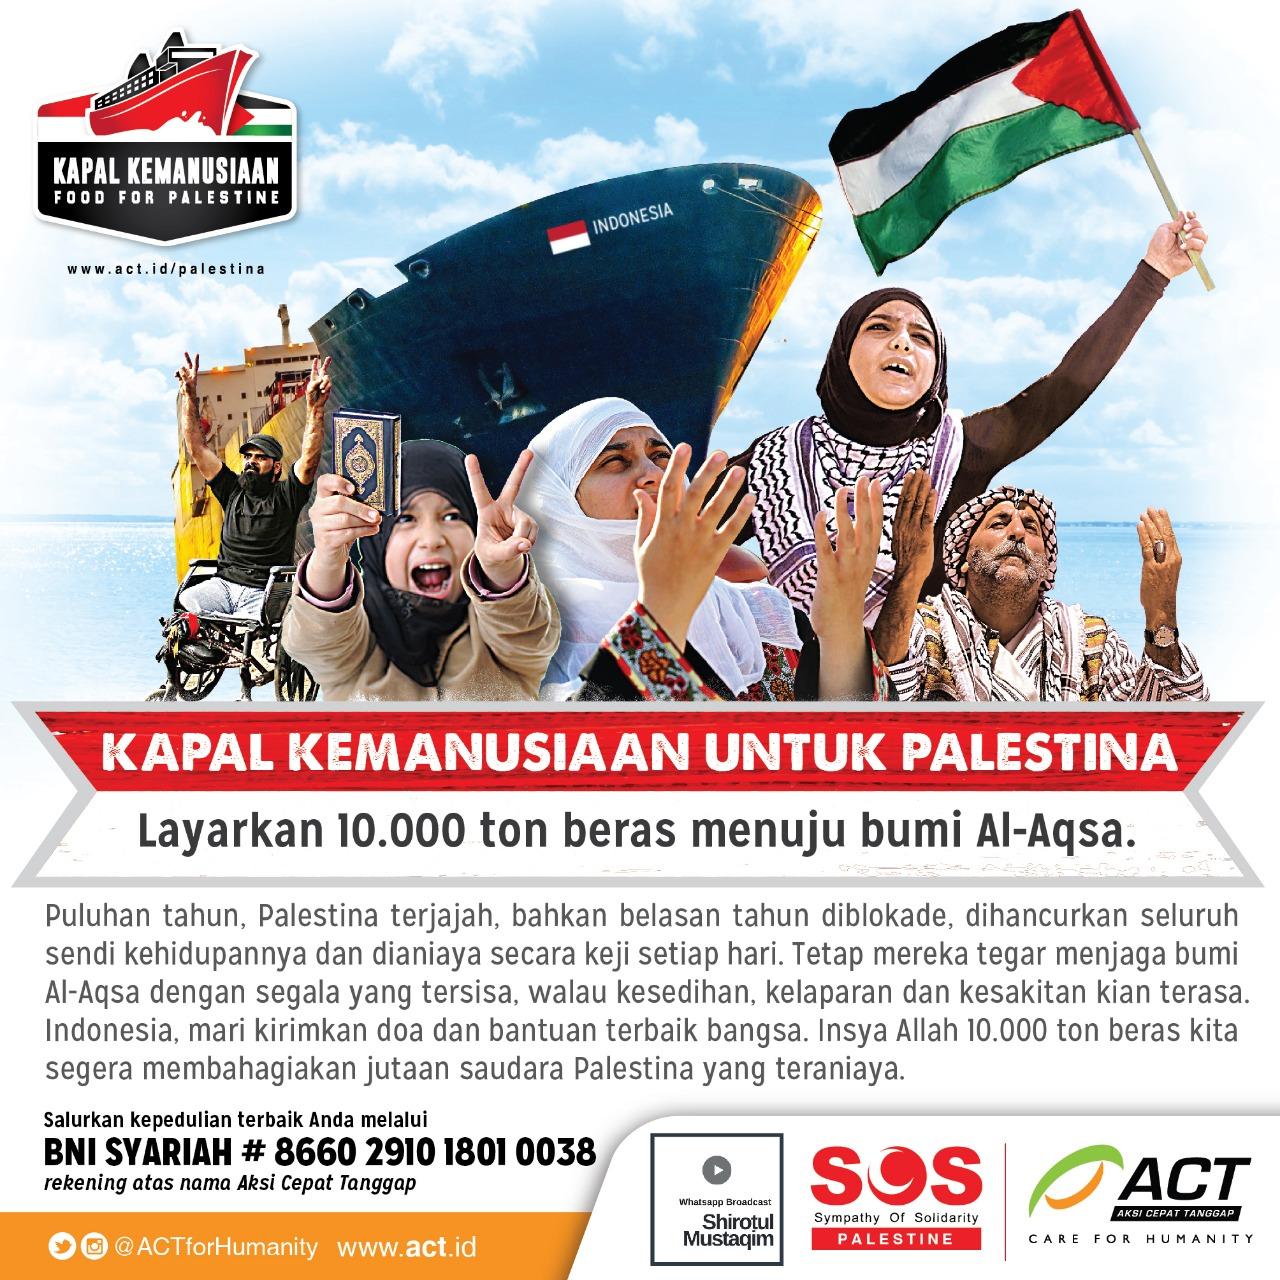 Kapal Kemanusiaan SM-ACT